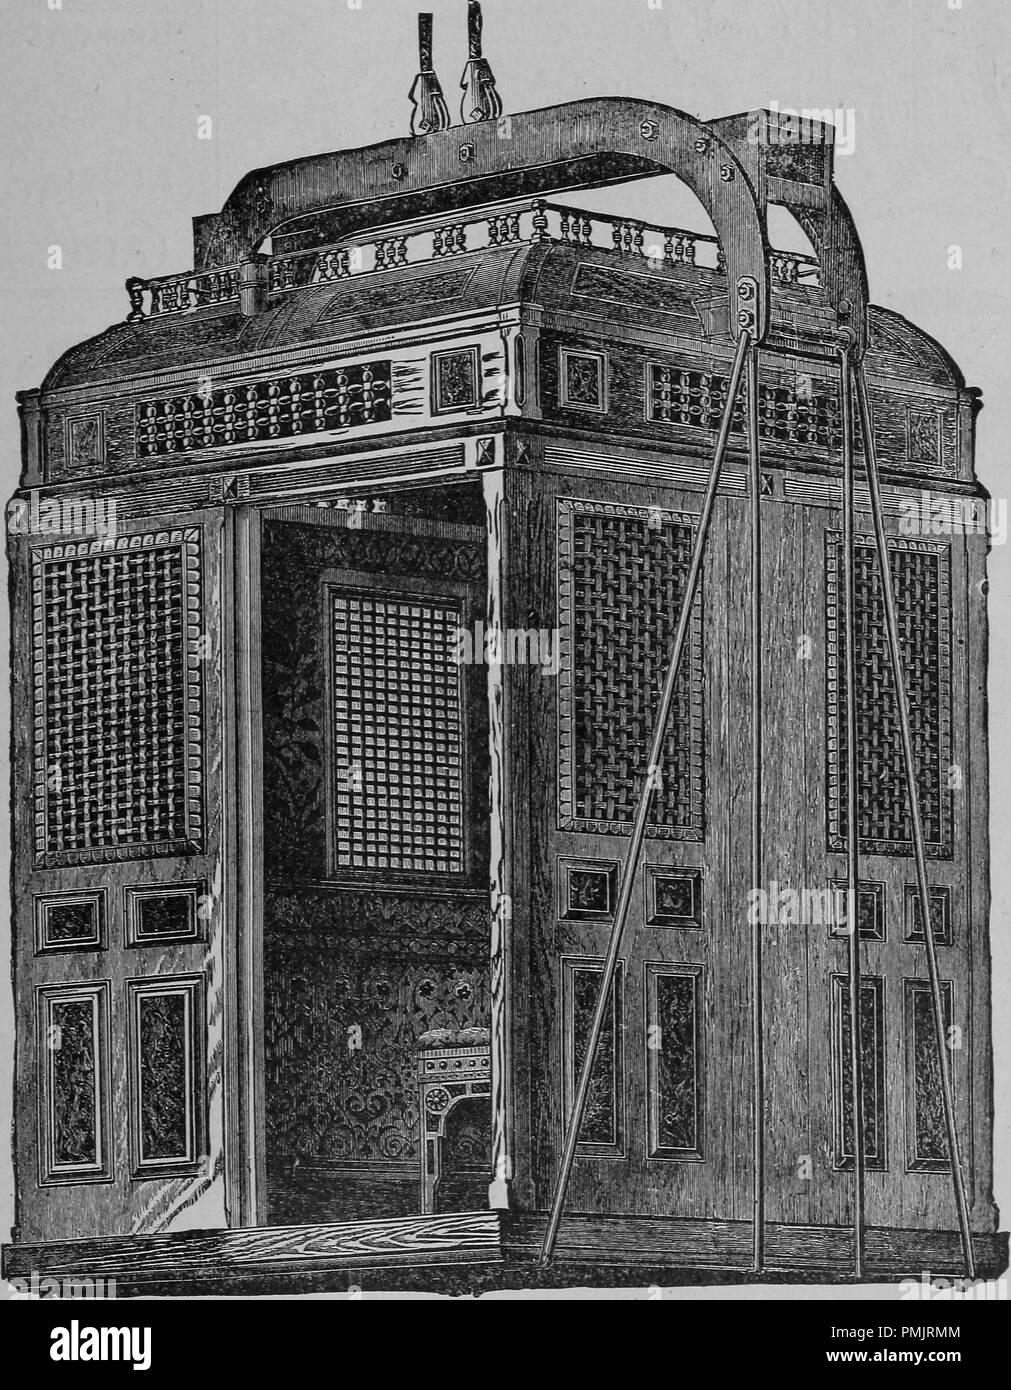 """Grabado de un ascensor de pasajeros, hecha por 'Wildey y Shackamaxon STS"""" de Filadelfia, del libro 'La guía oficial de la exposición colombina del mundo', de 1893. Cortesía de Internet Archive. () Imagen De Stock"""